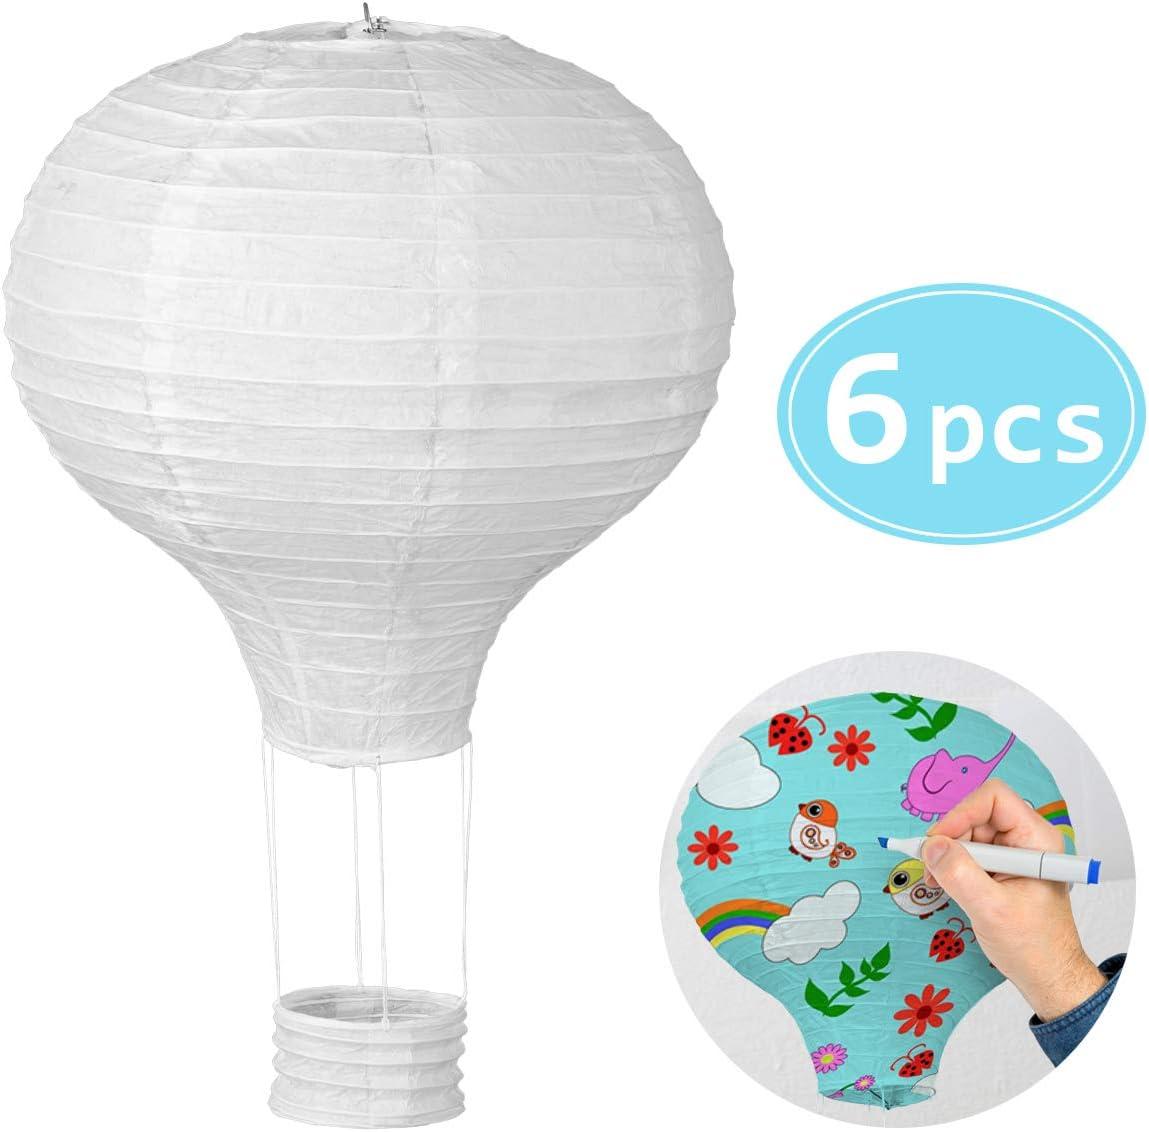 30 cm F/ête Mariage LIHAO 6pcs Lampion Papier Montgolfi/ère Lanterne Papier Blanc Pour D/écoration Anniversaire